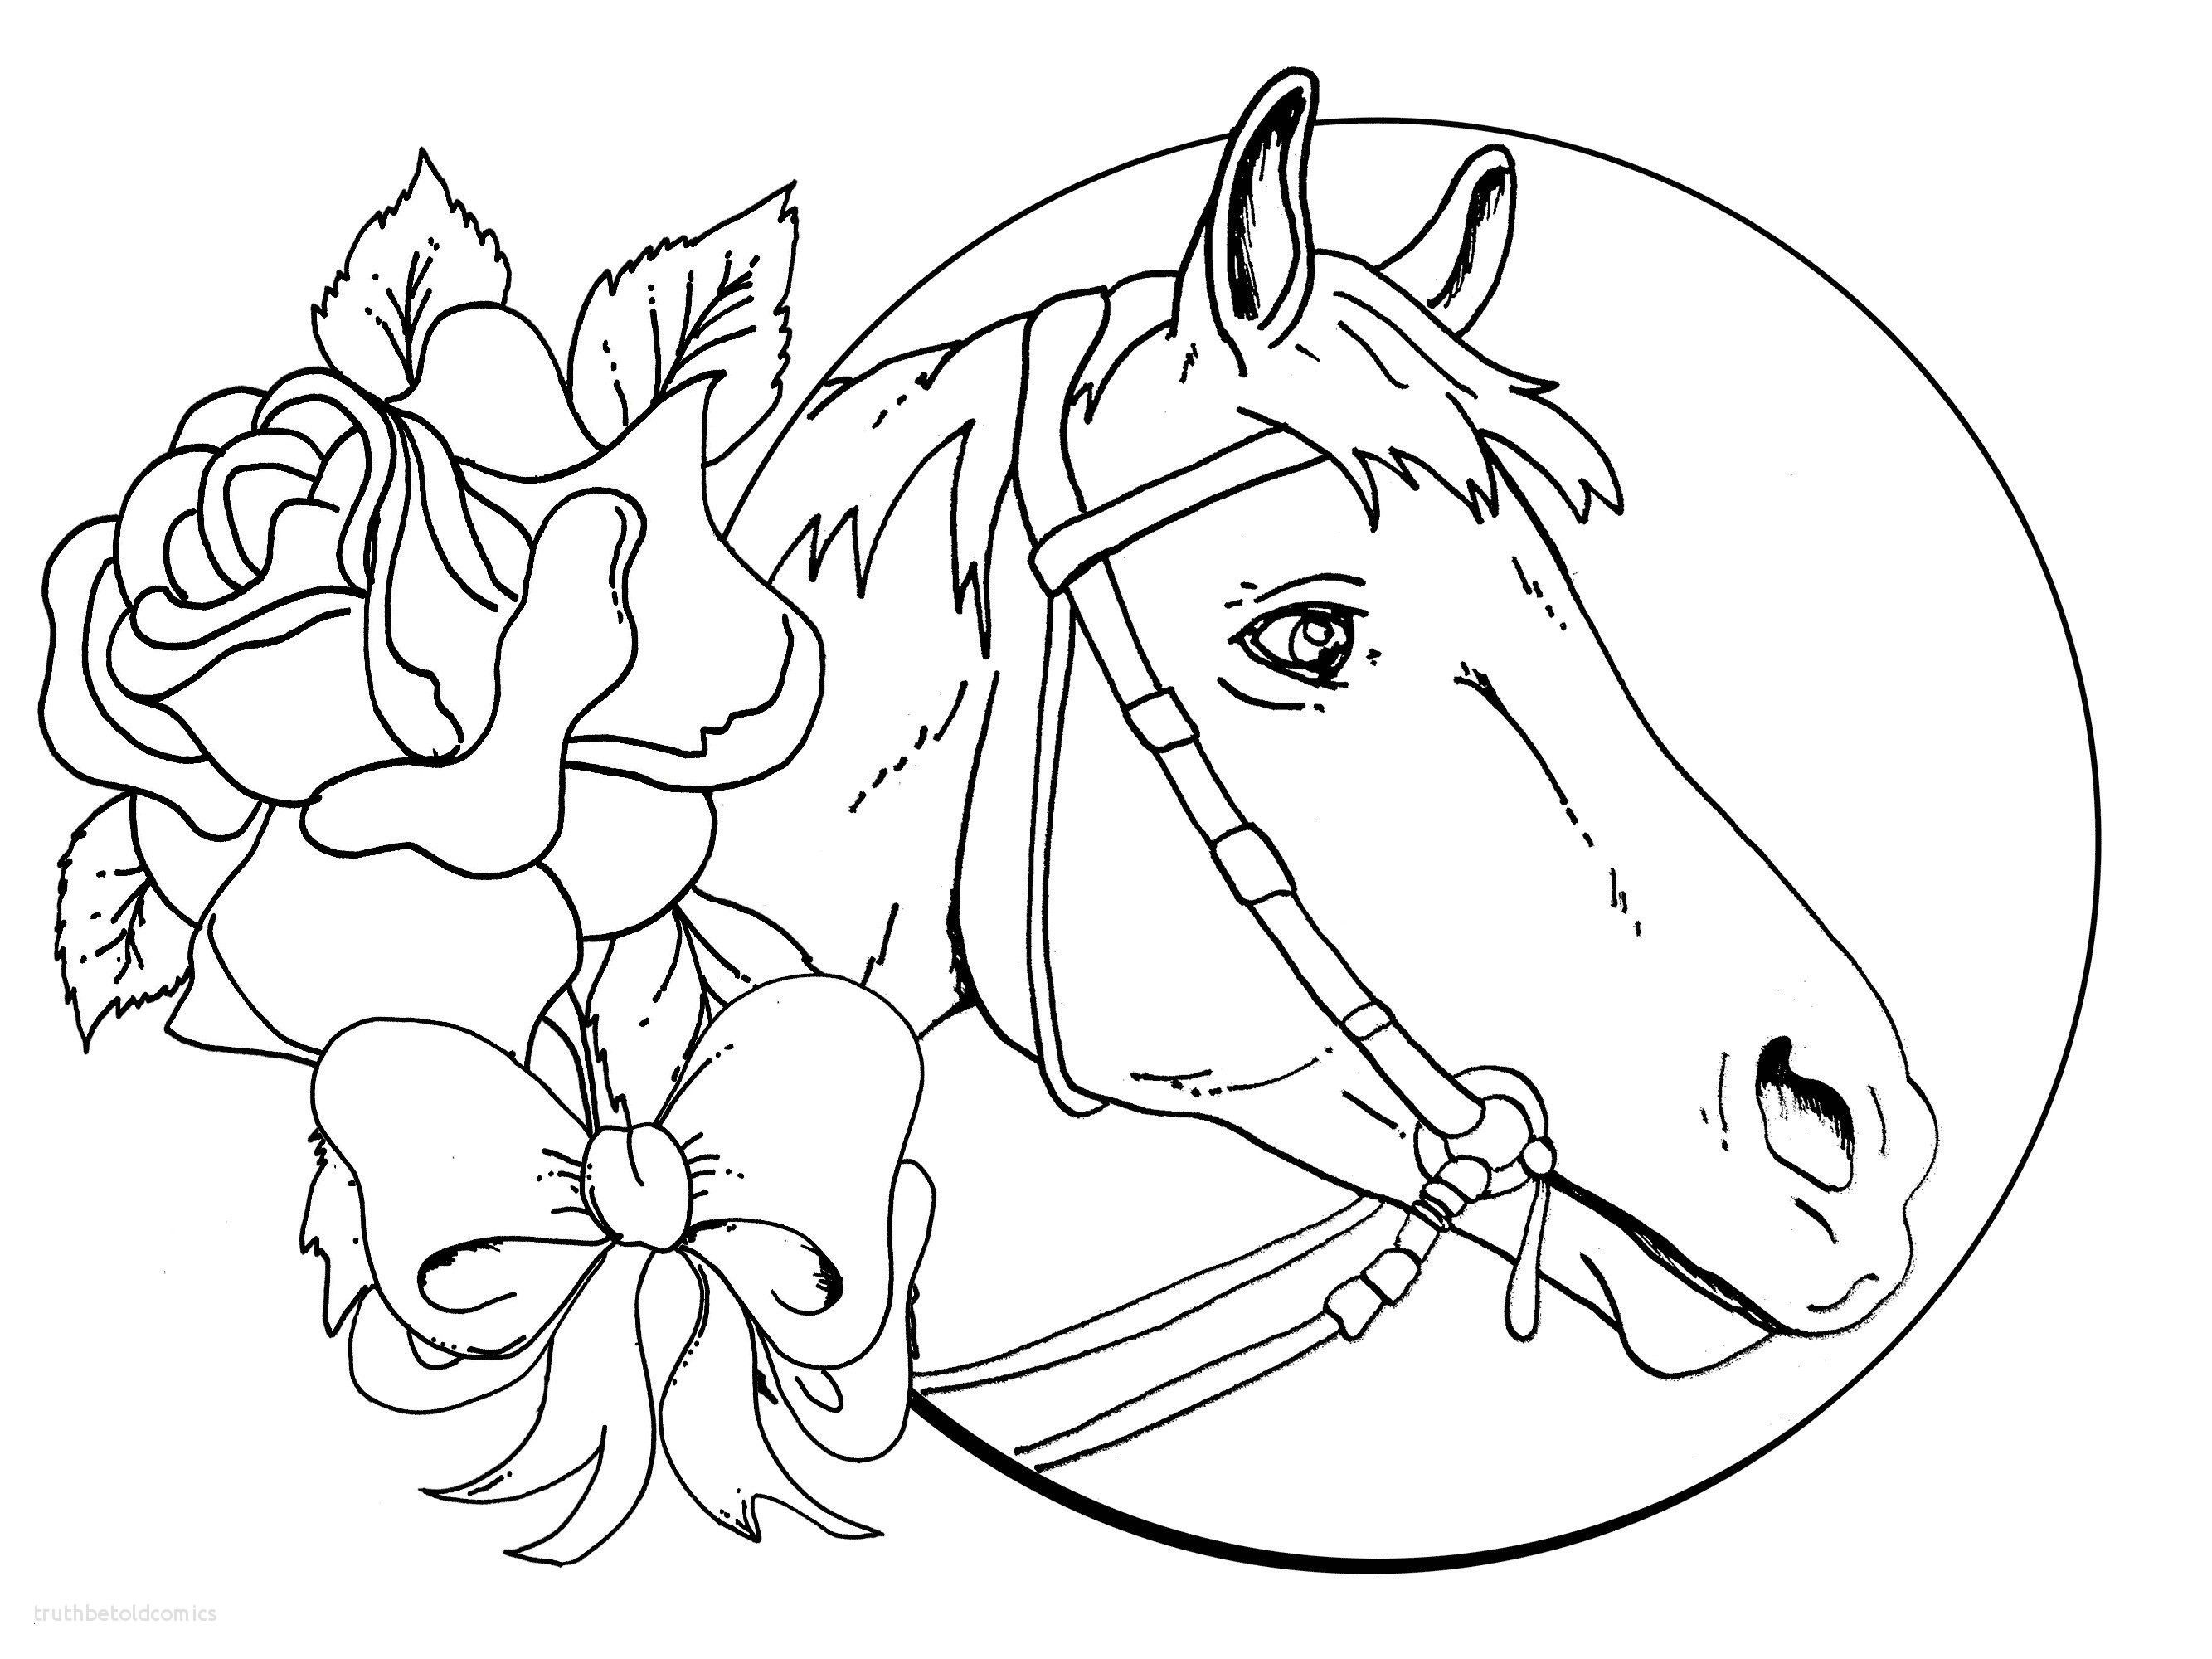 Unique Ausmalbild Pferd Mit Fohlen Farbung Malvorlagen Malvorlagenfurkinder Ausmalbilder Malvorlagen Tiere Malvorlagen